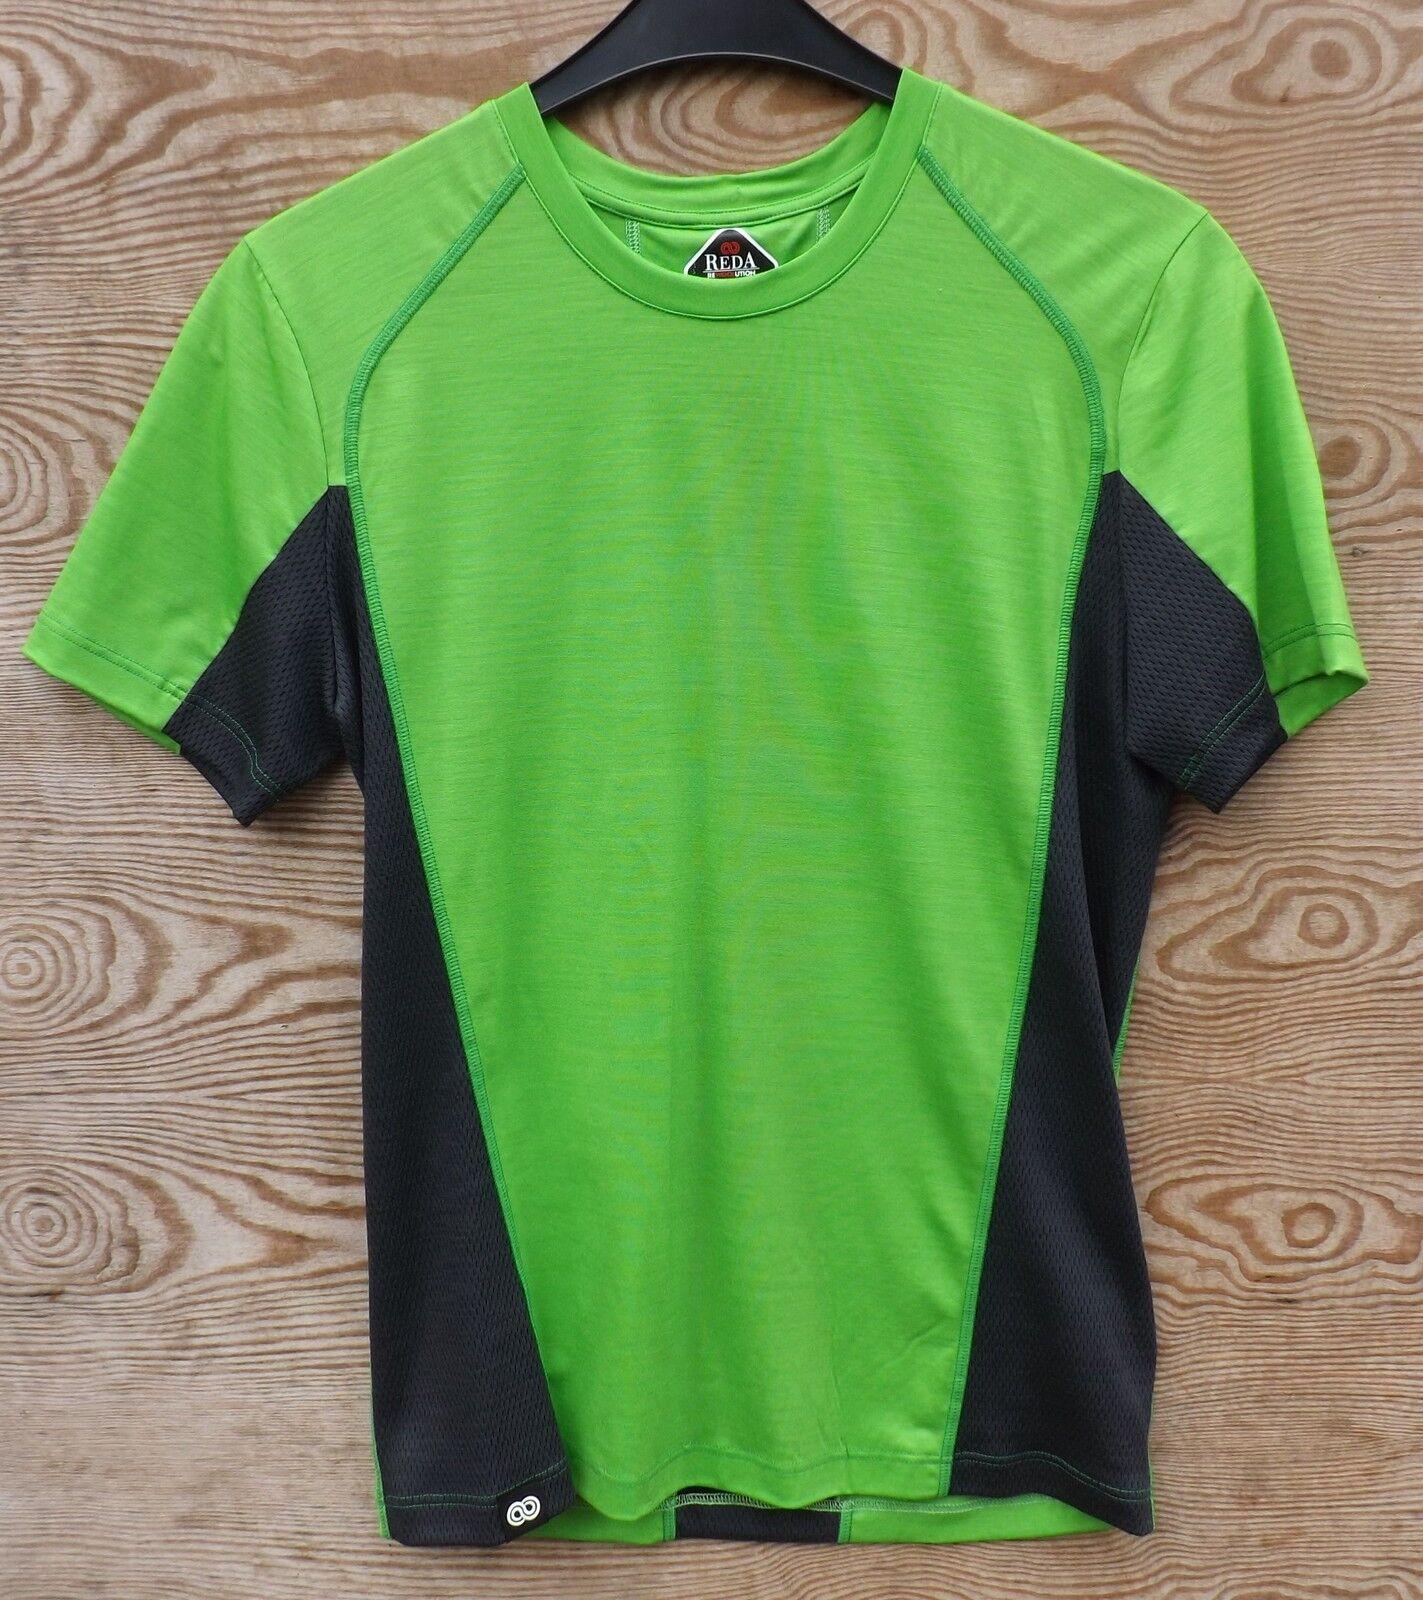 ROTA Rewoolution - Active - Rewoolution  Herren T-Shirt Short Sleeve 140, Gr. XXXL, Merinowolle b1ebd5